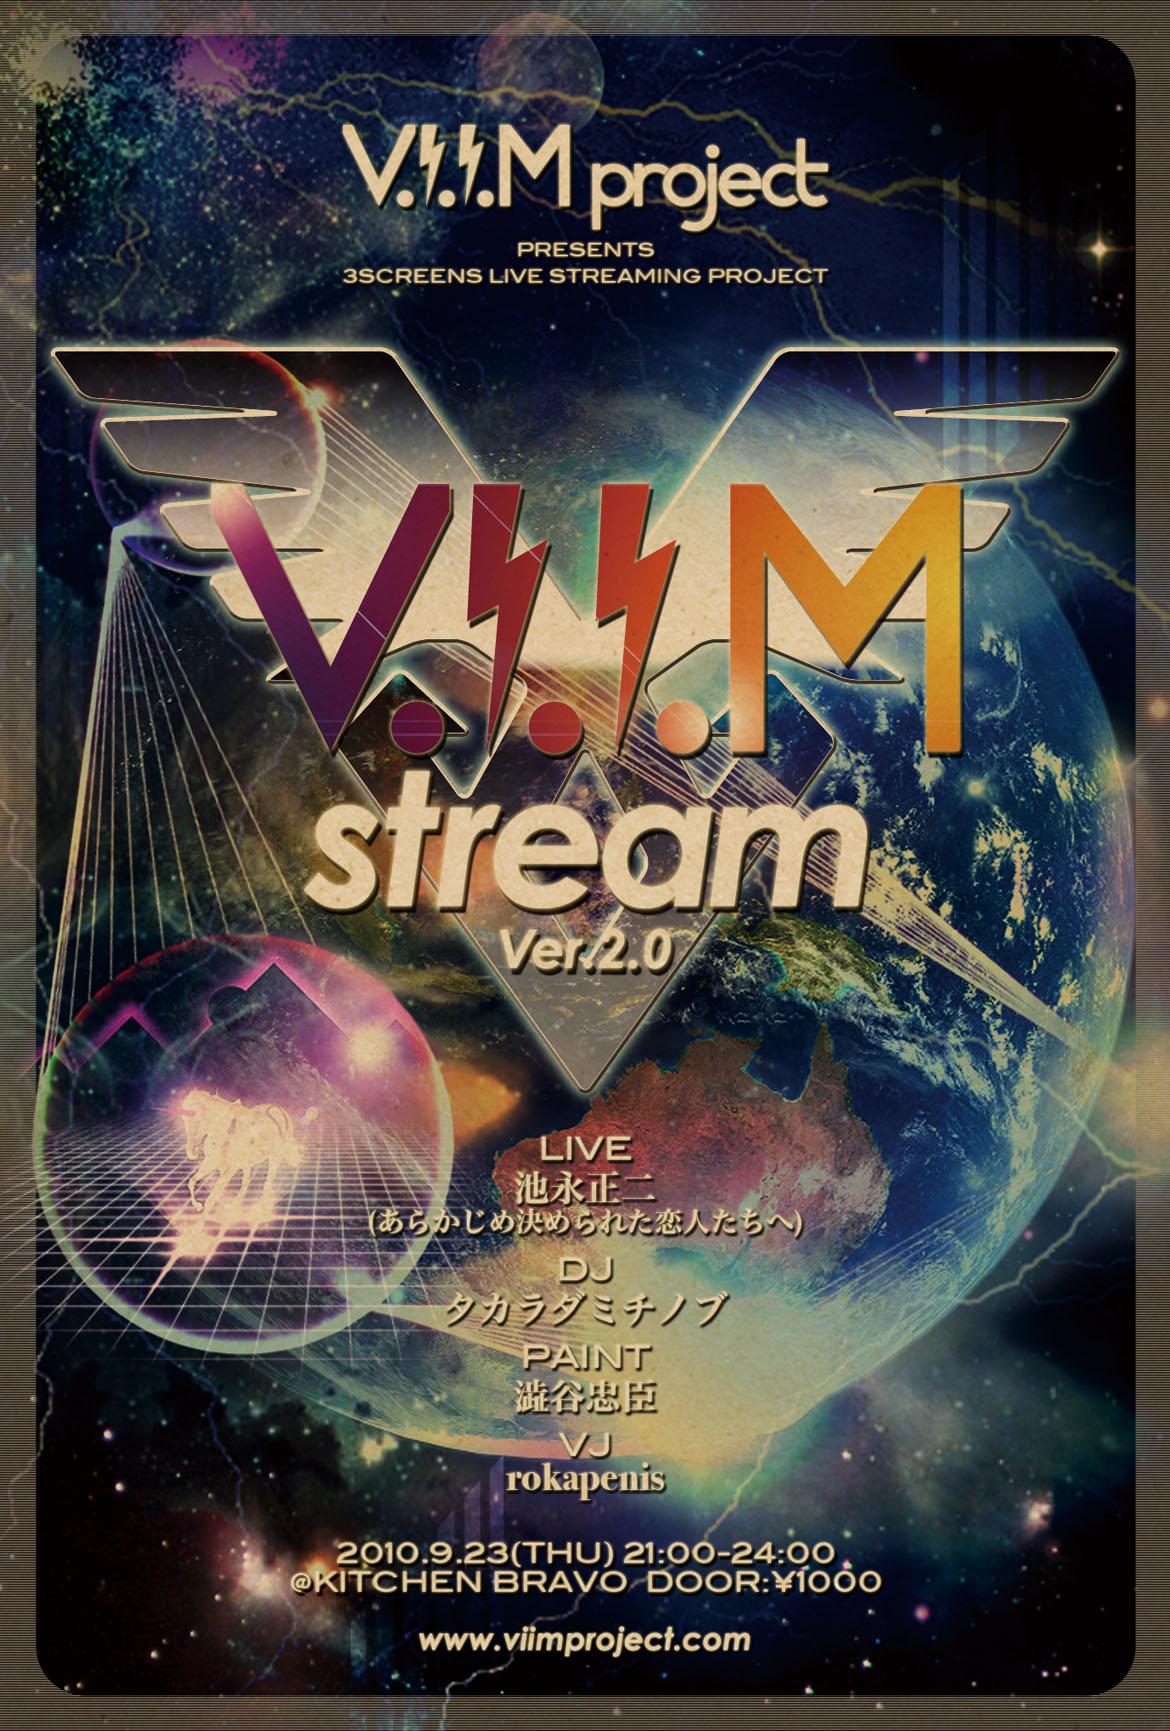 V.I.I.Mstram Ver.2.0